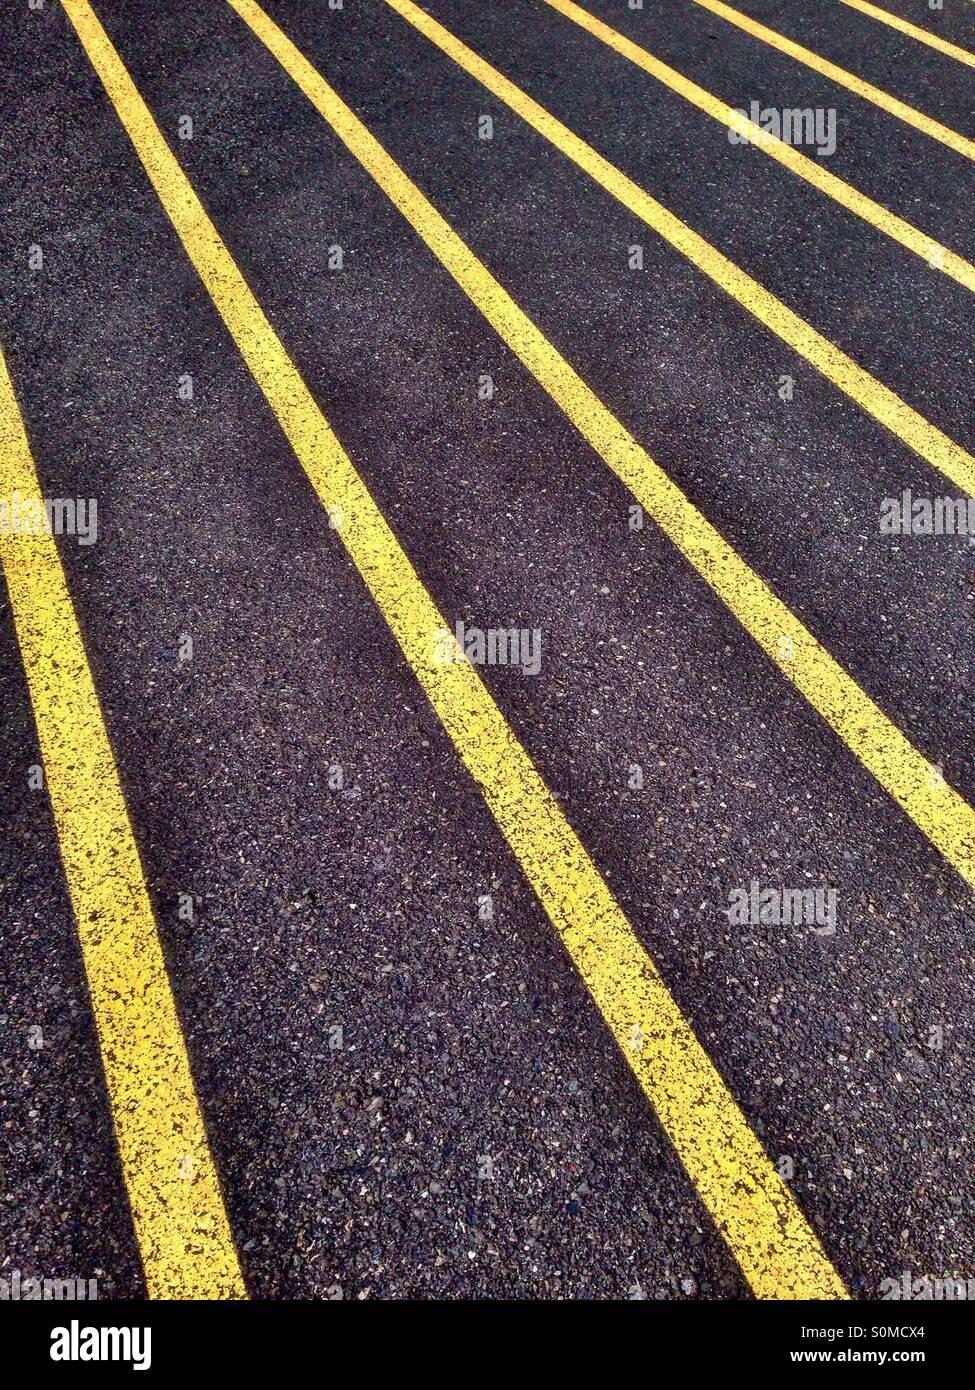 Les lignes jaunes sur la piste de course athlétique Photo Stock